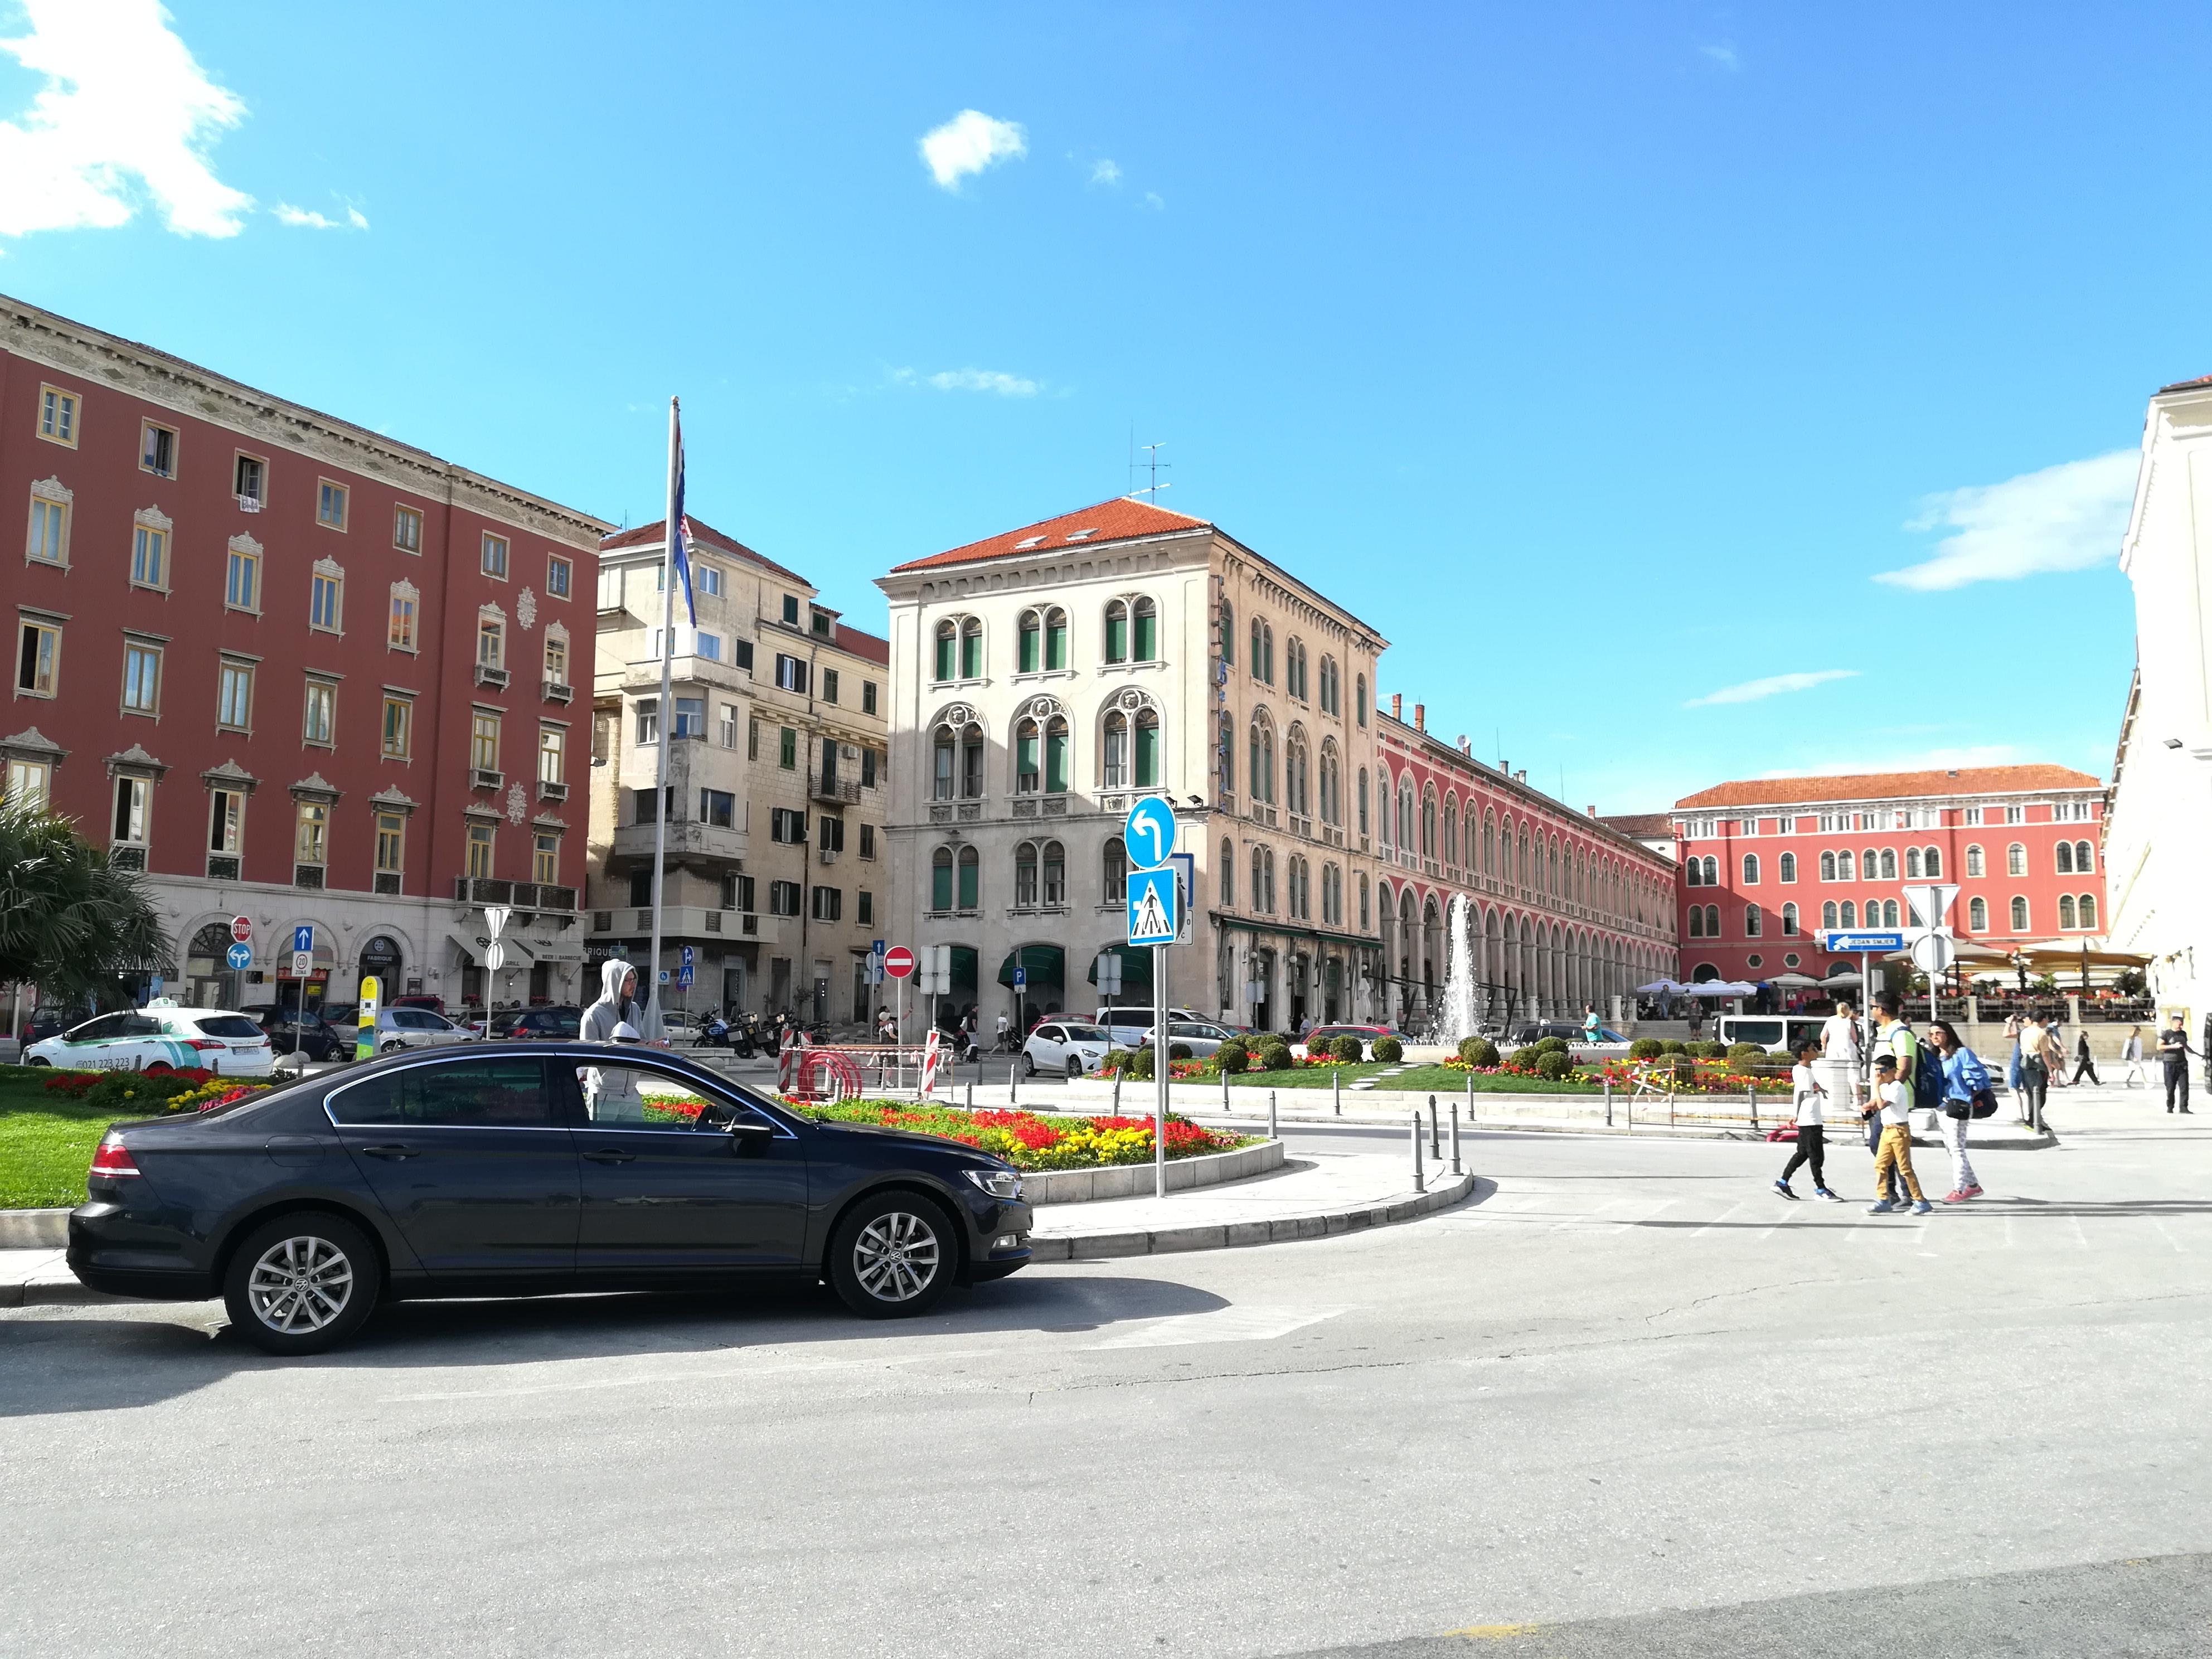 Praça da República (Prokurative)